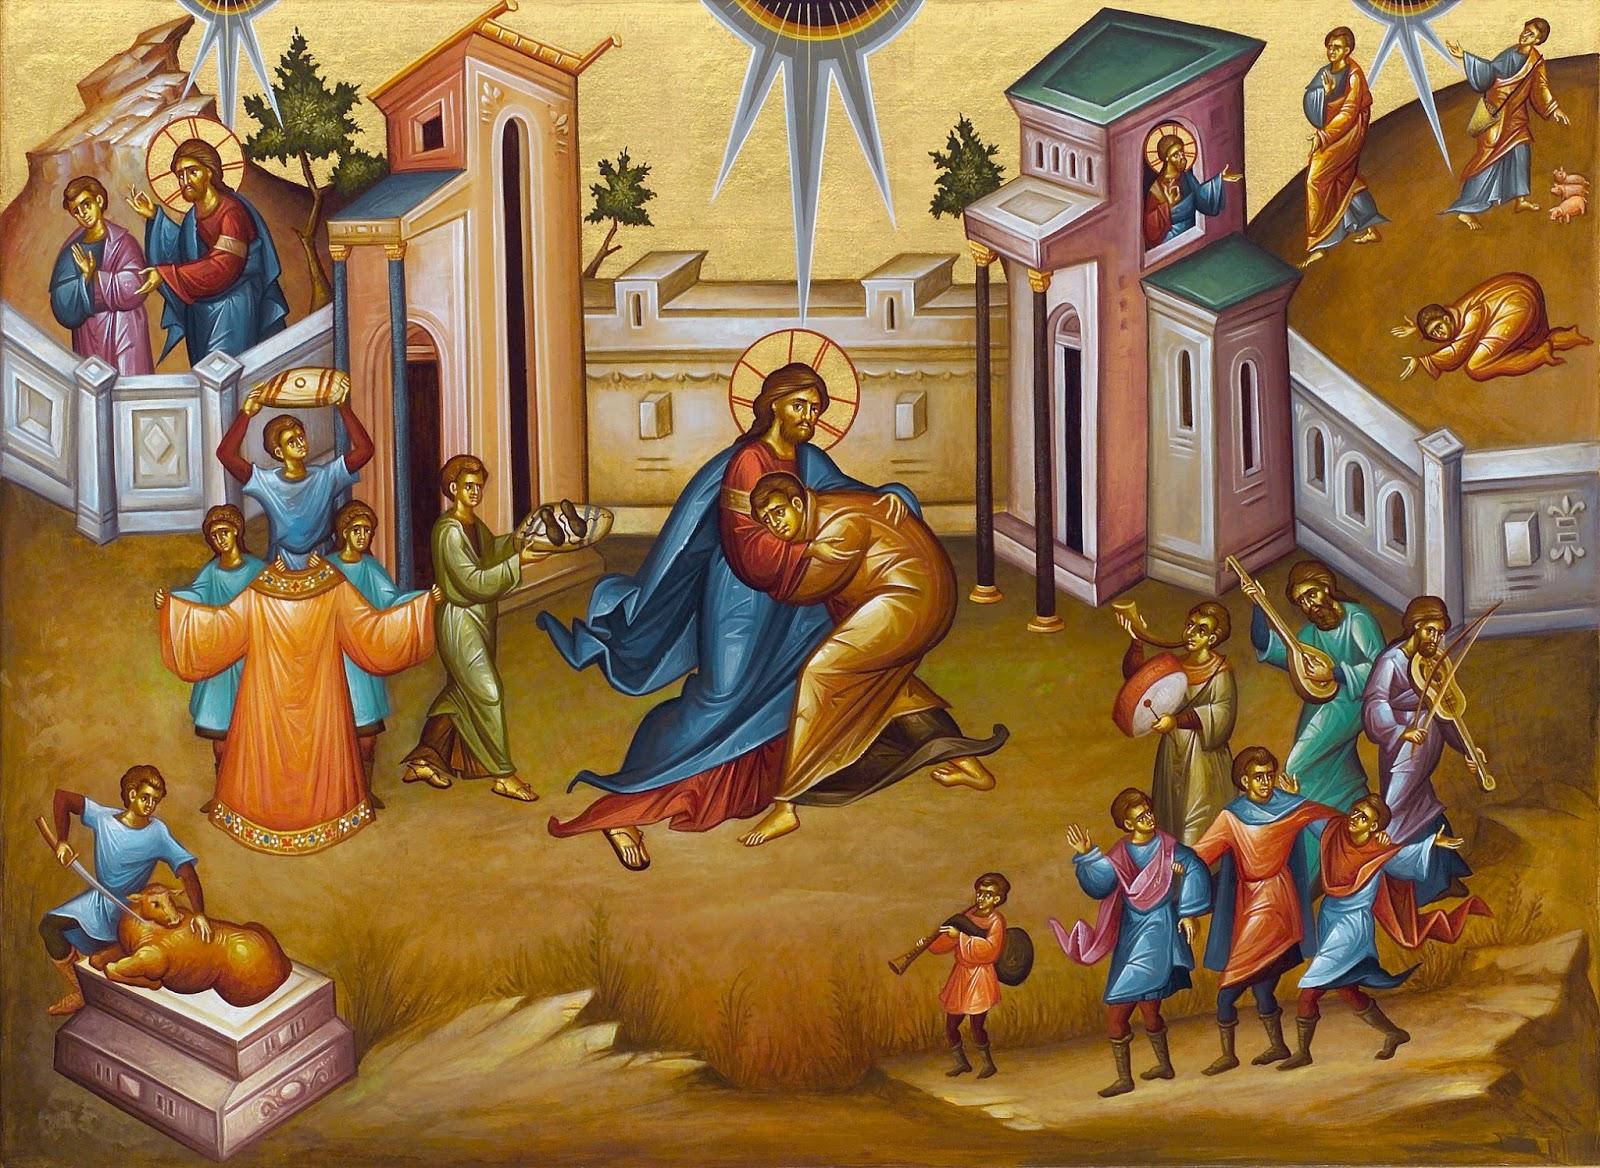 Que pouvons-nous apprendre de la parabole du fils prodigue?